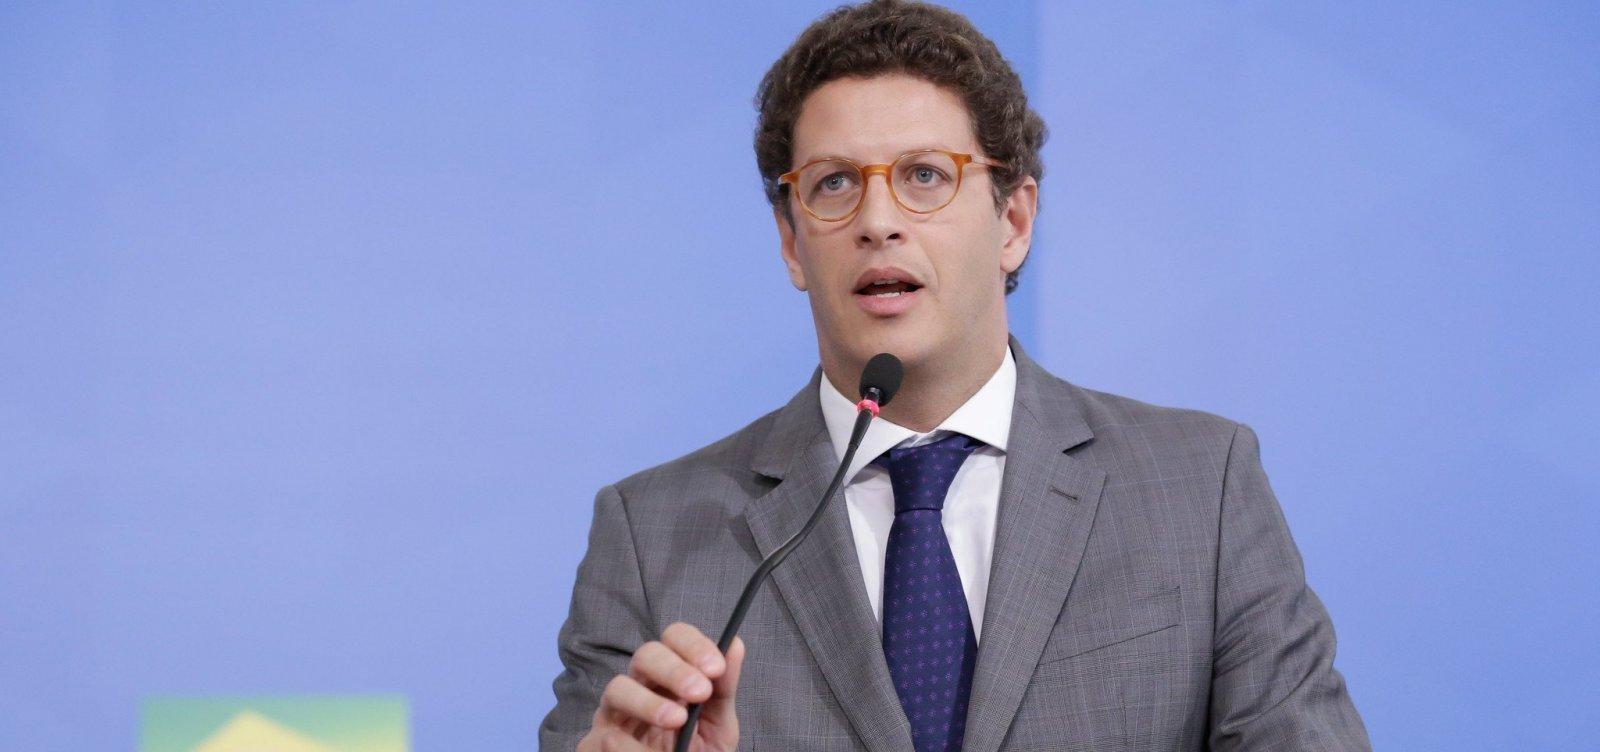 [Ministro do Meio Ambiente, Ricardo Salles é diagnosticado com Covid-19]